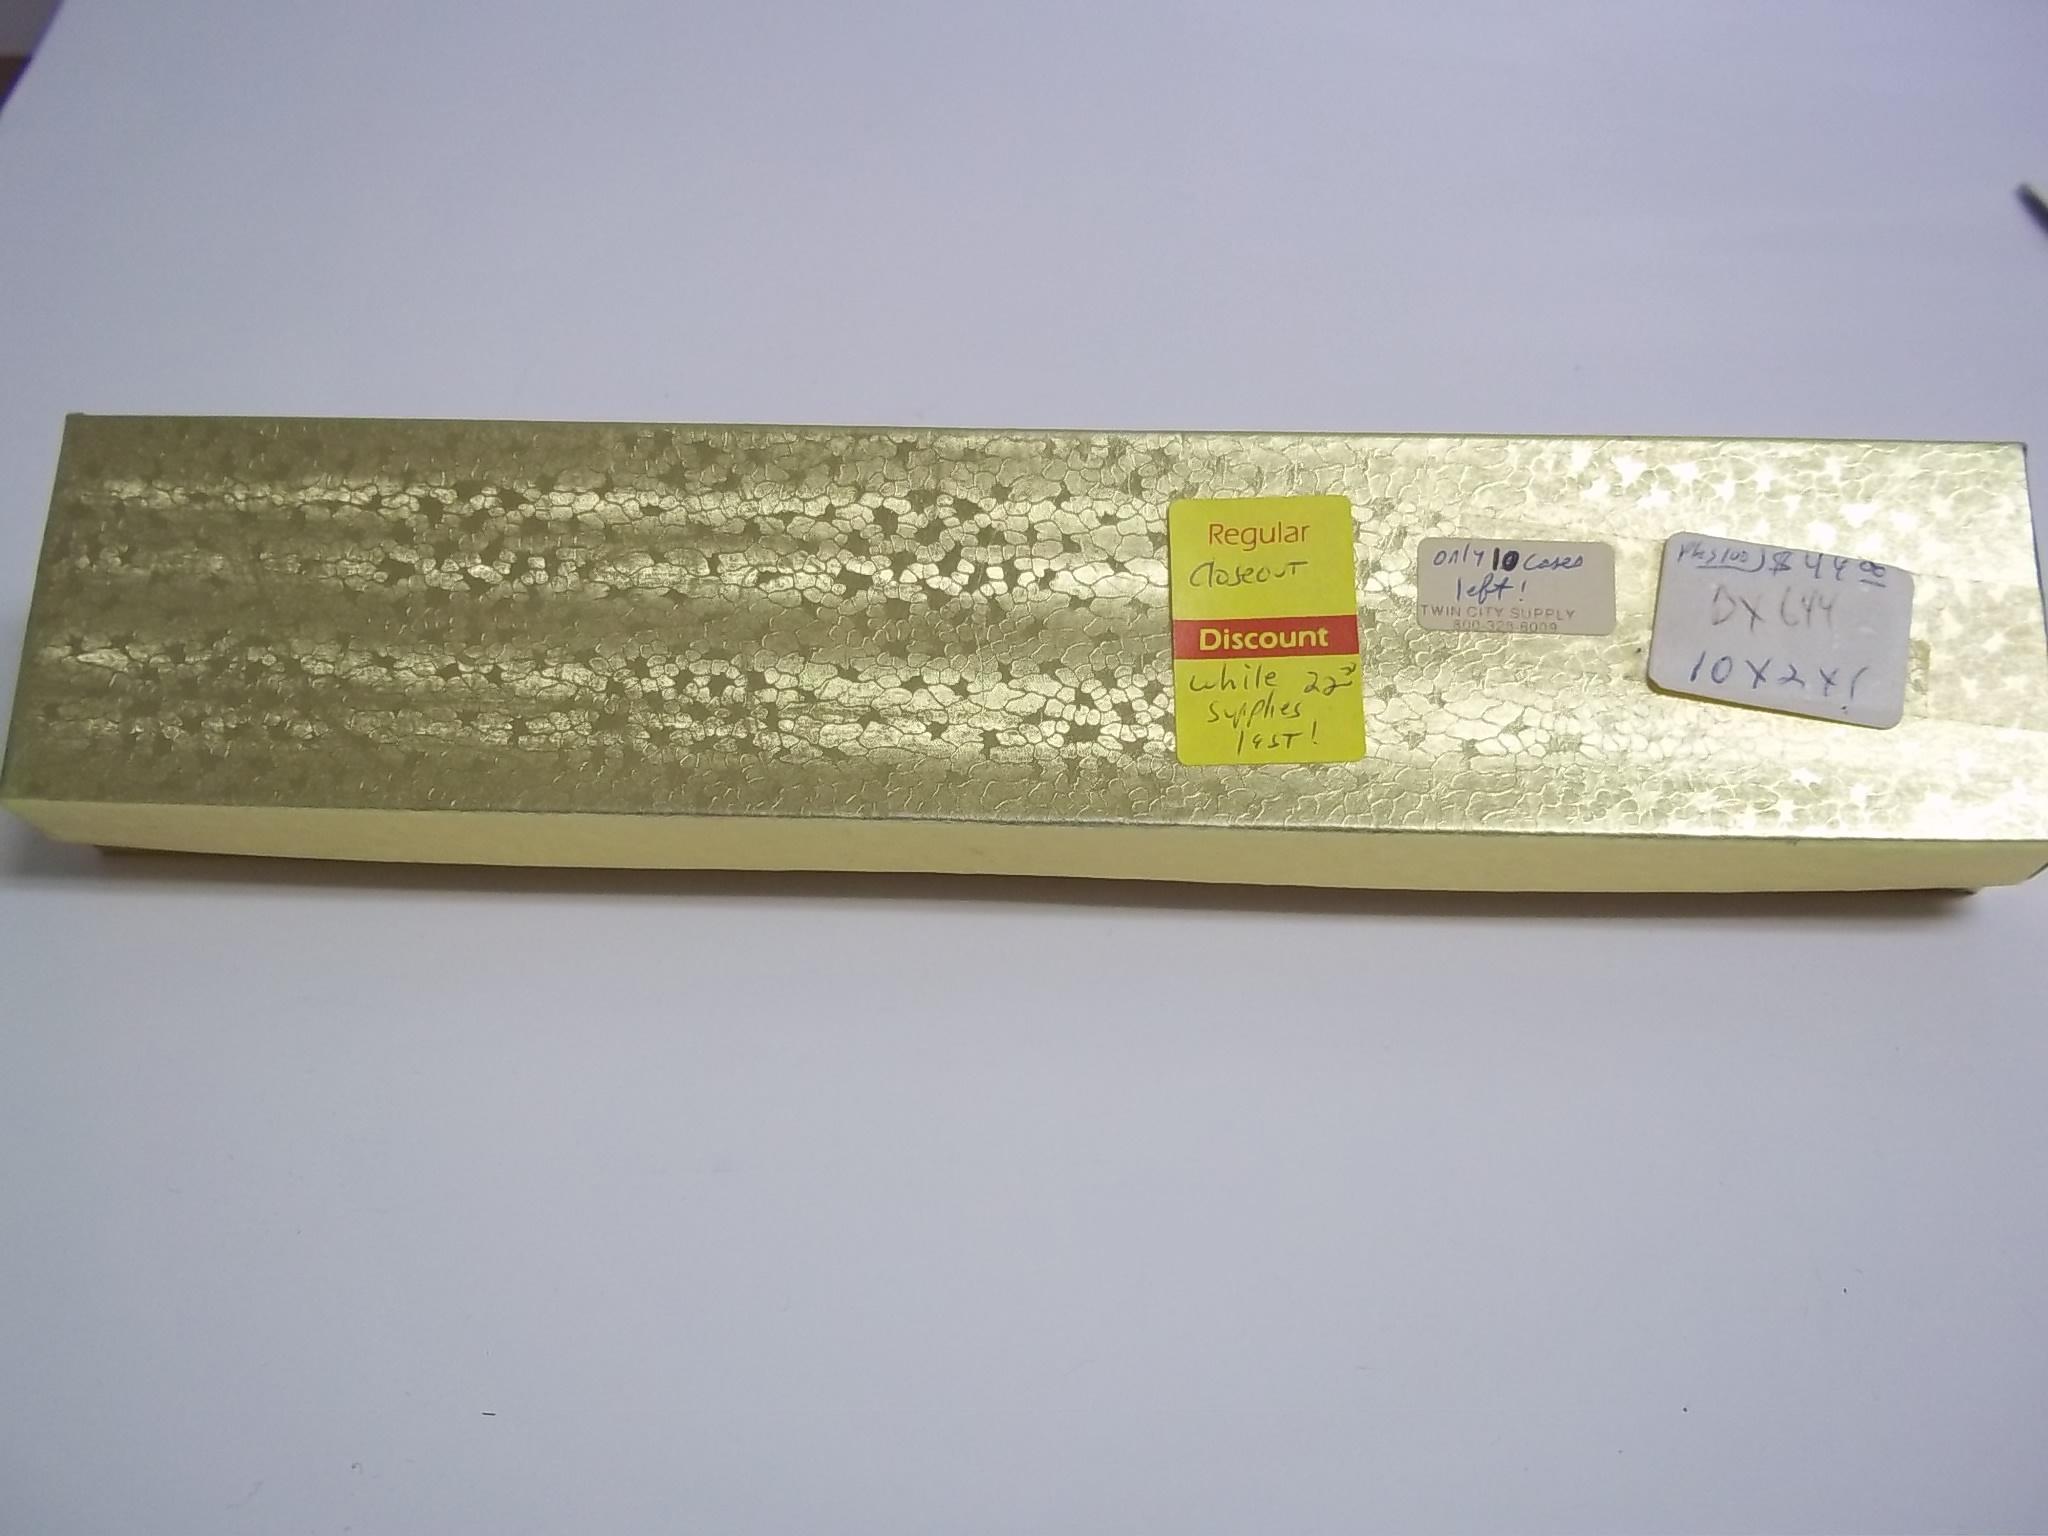 BX644 Cotton Filled Gold Foil Bracelet (Watch) Nest Boxes-Extra Long